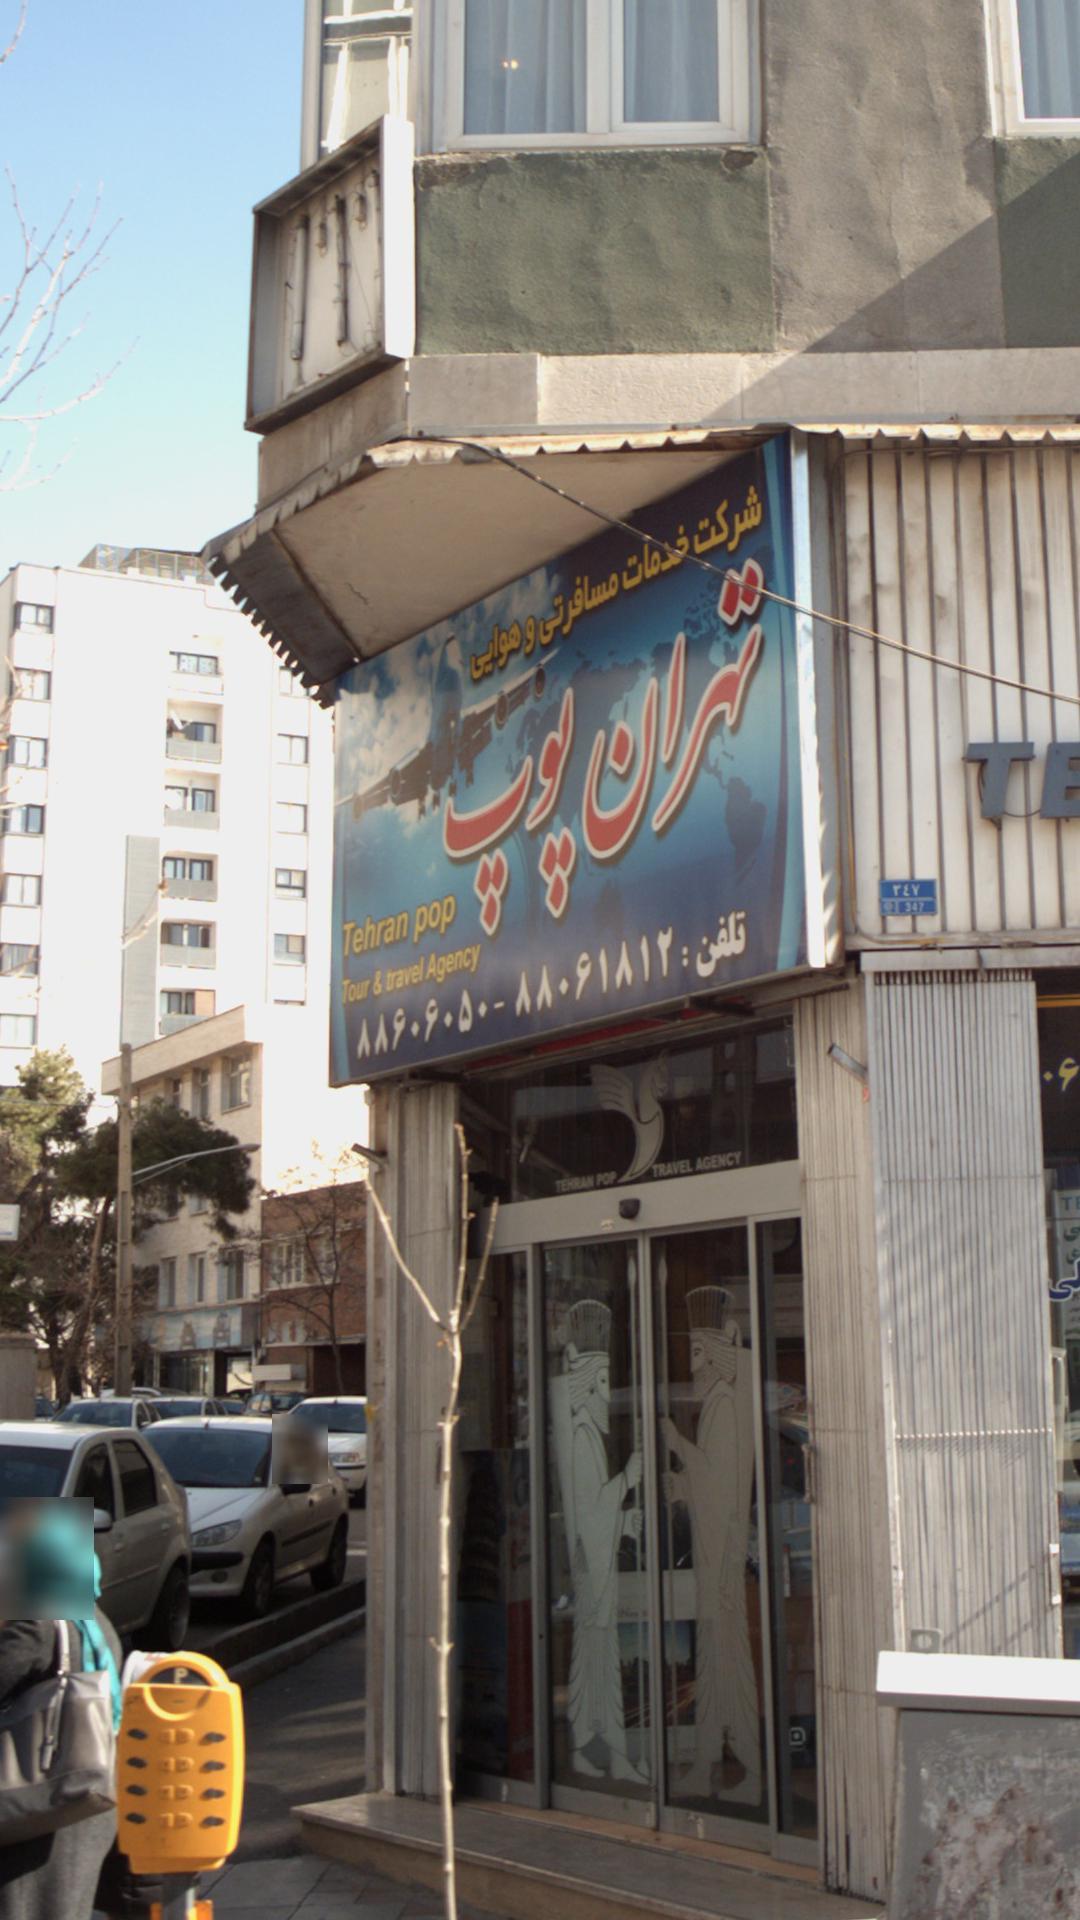 شرکت مسافرتی هوایی تهران پوپ